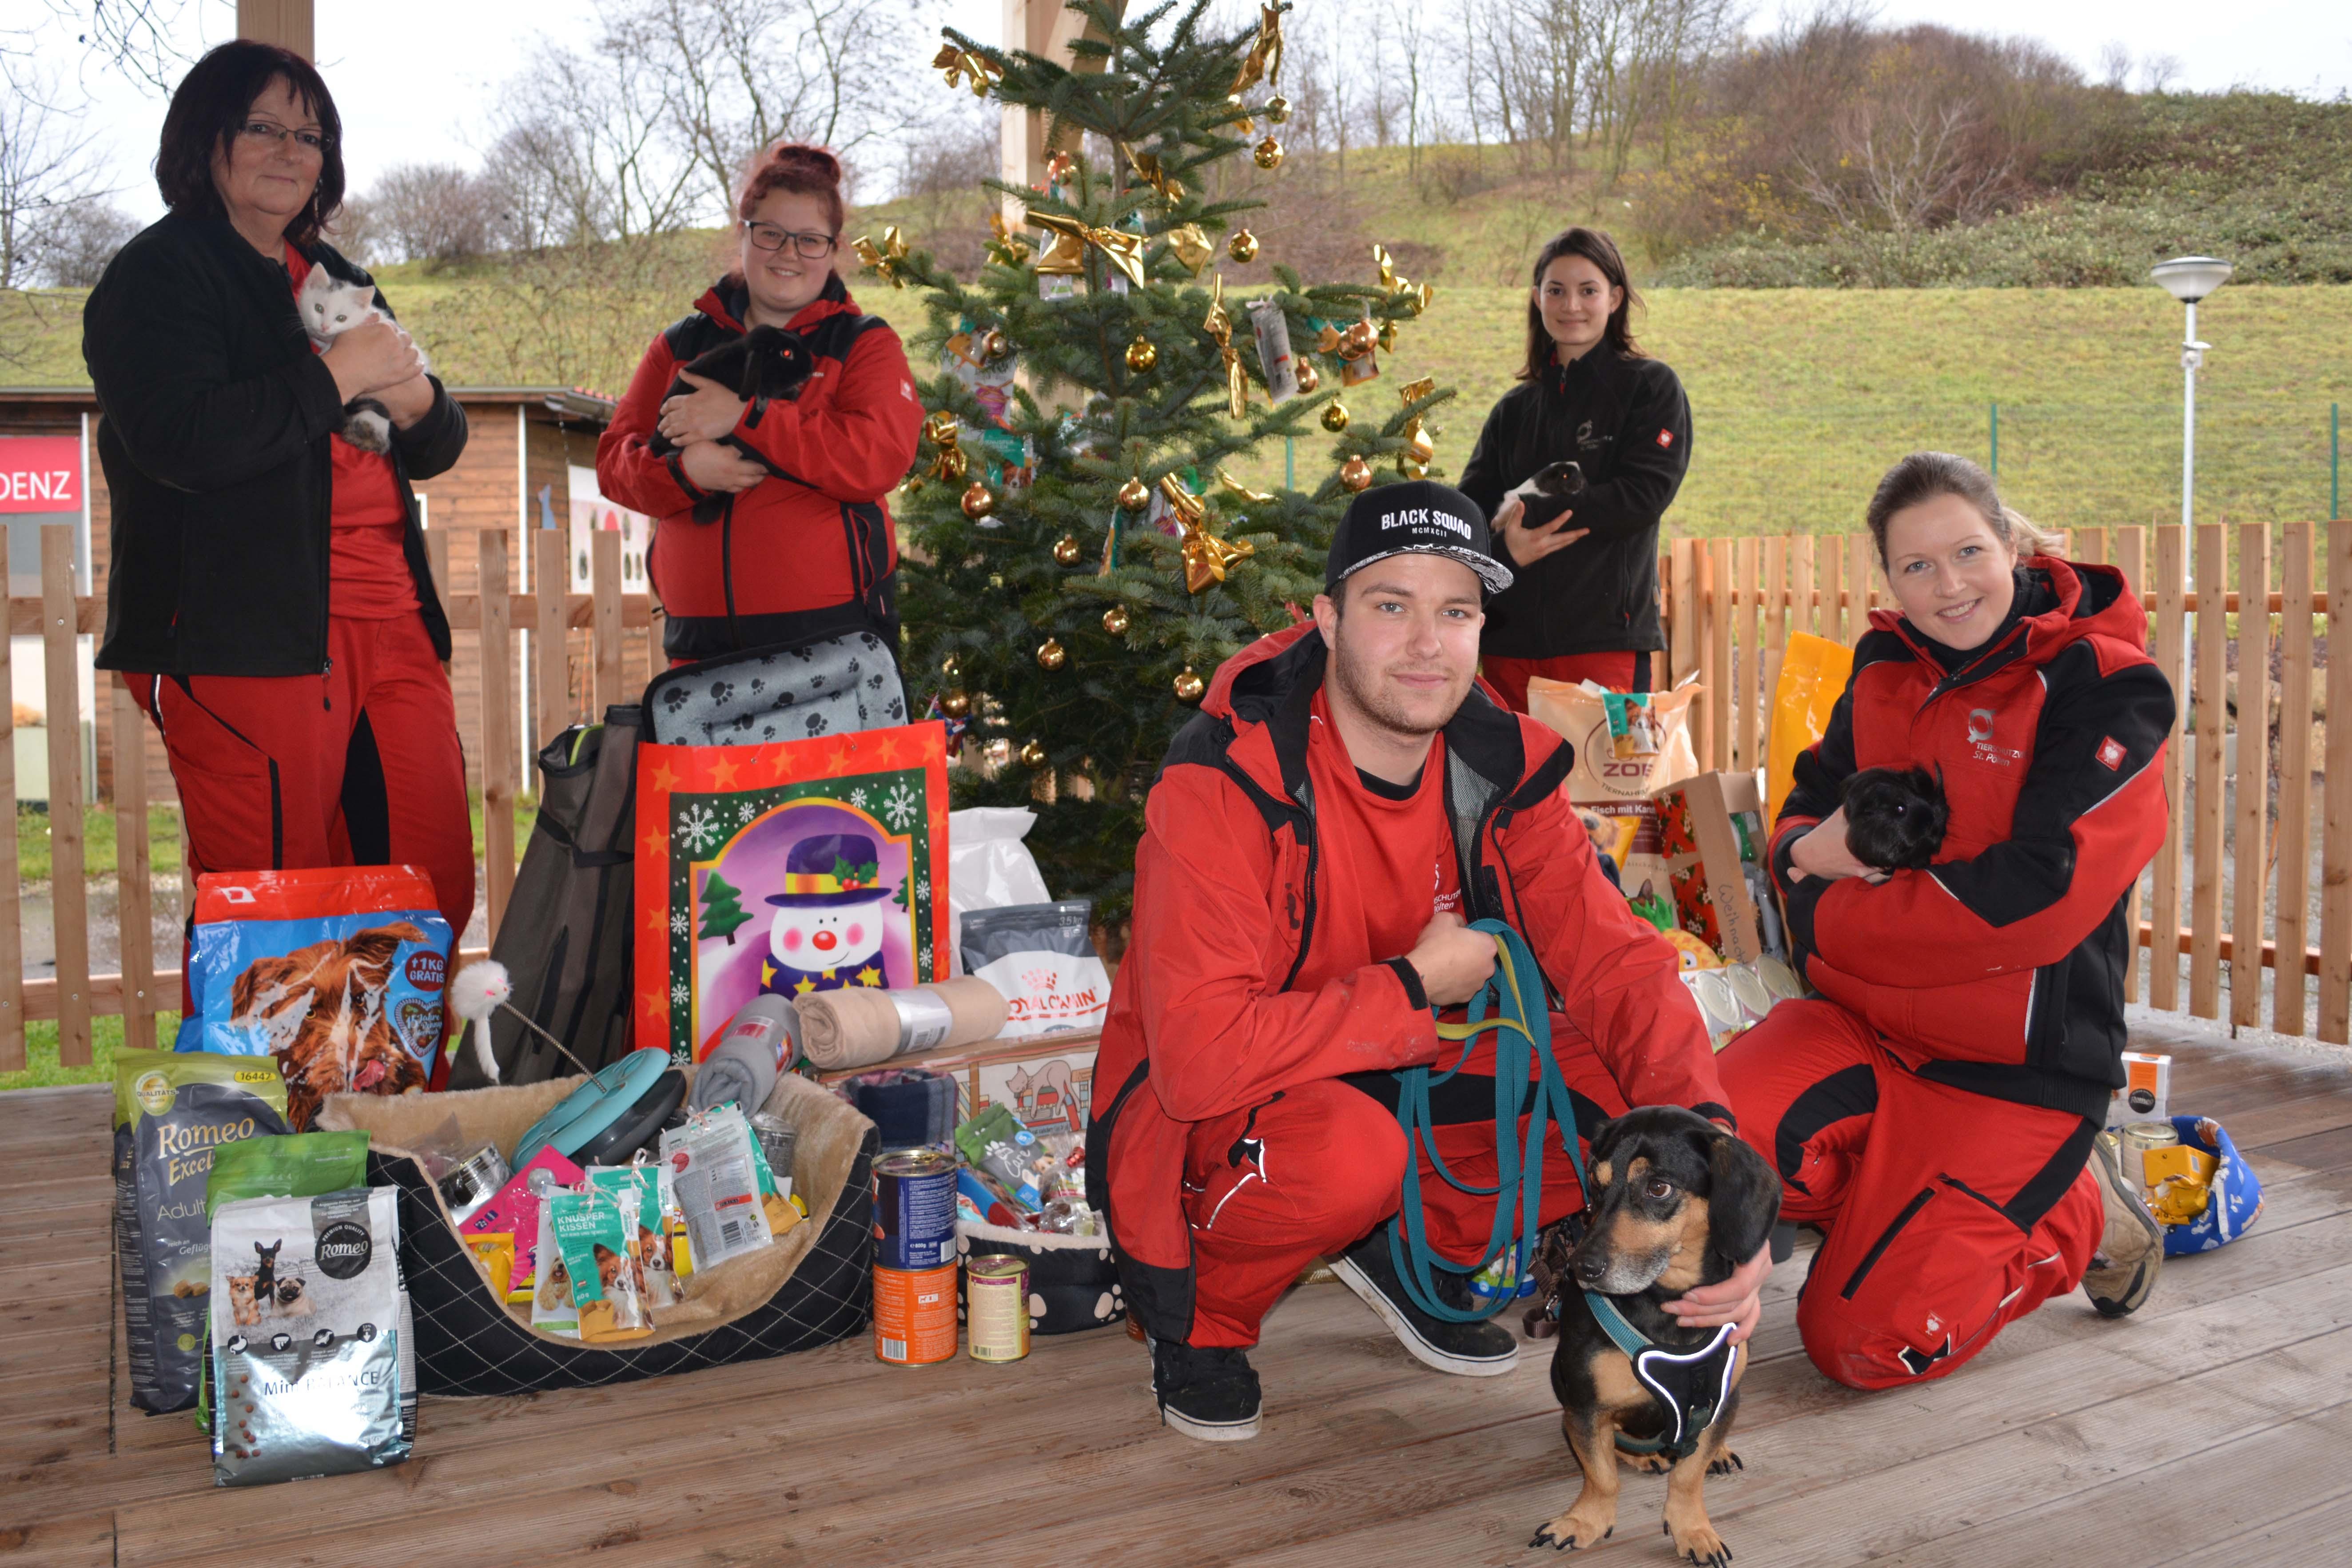 Die Weihnachtsgeschenke.Danke Für Die Weihnachtsgeschenke Tierschutzverein St Pölten